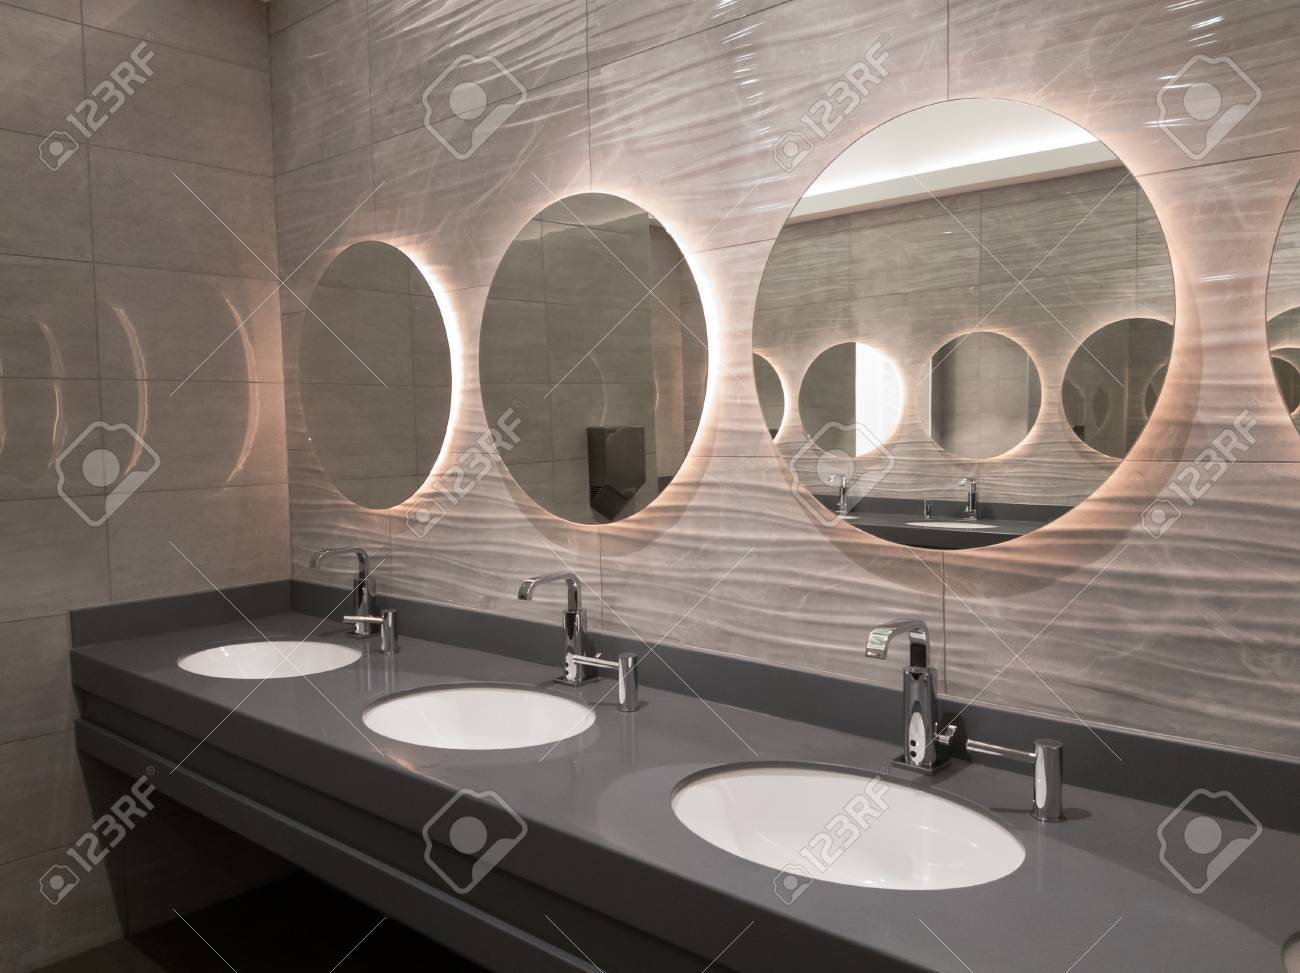 Öffentliche Waschräume ausreiben